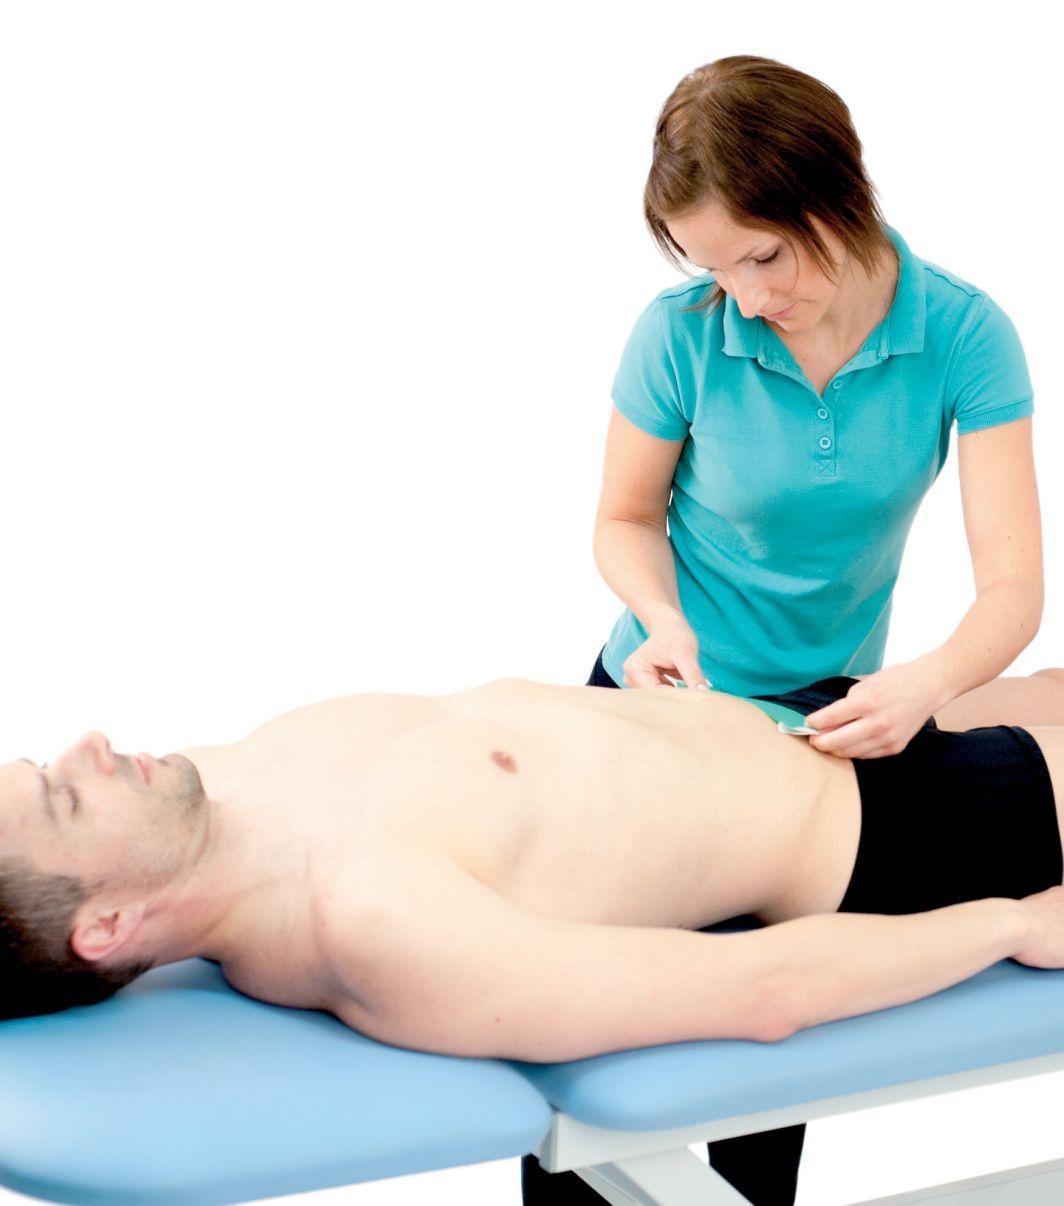 Tejpování příčného svalu 1